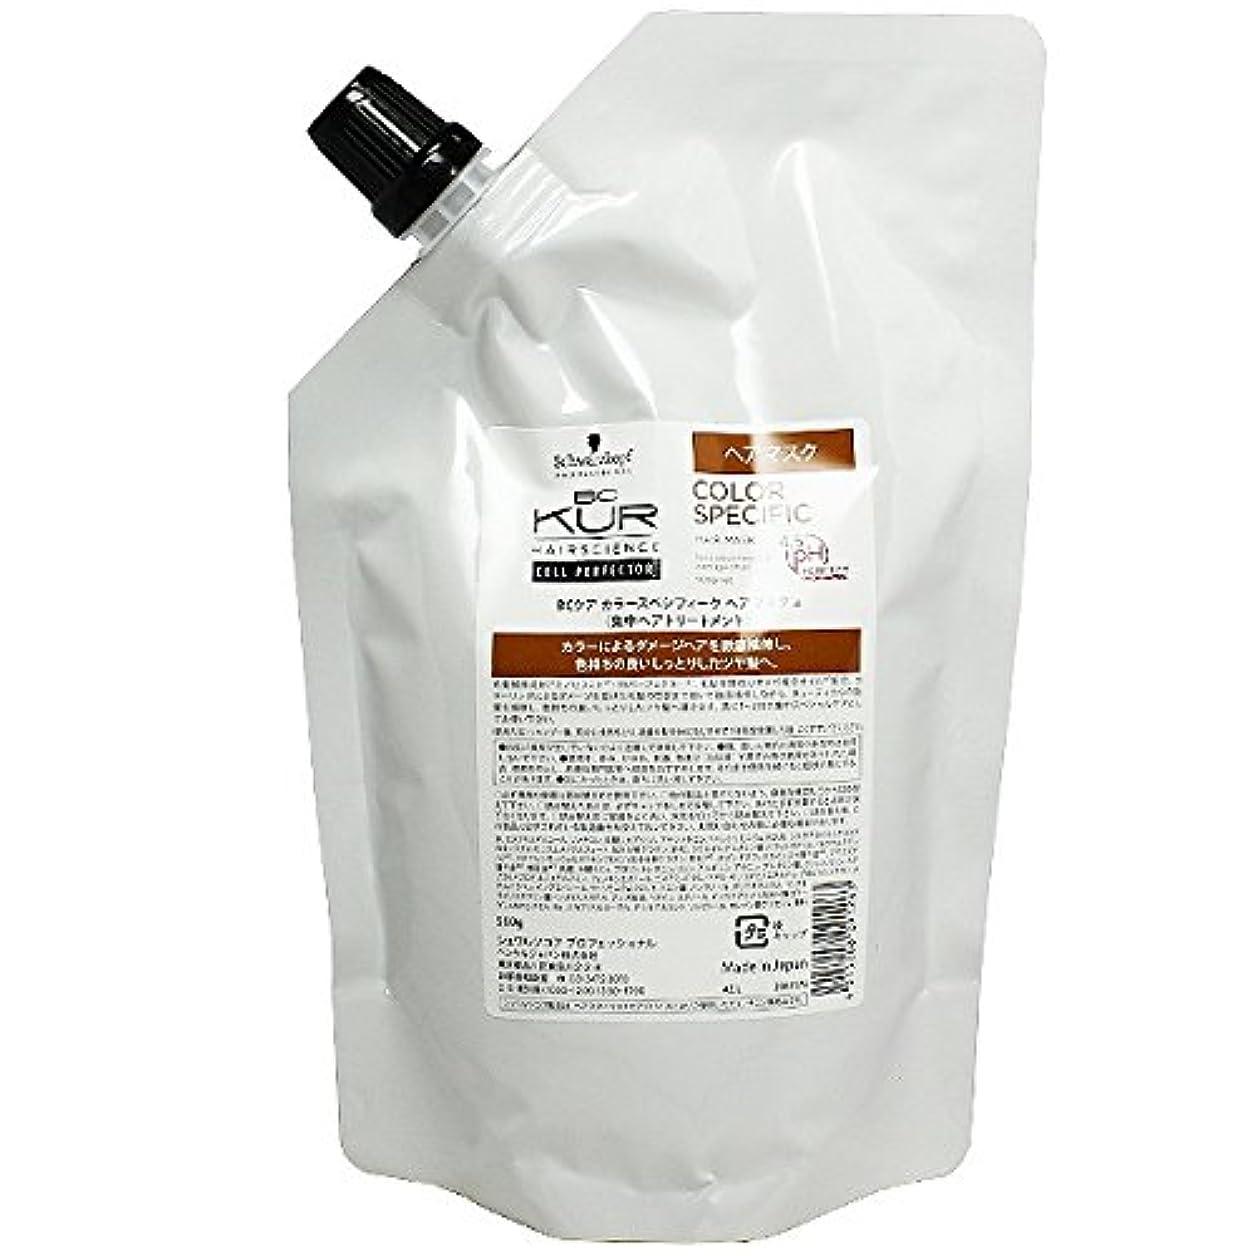 レーザ六月鉛シュワルツコフ BCクア カラースペシフィーク ヘアマスクa 500g(詰替)